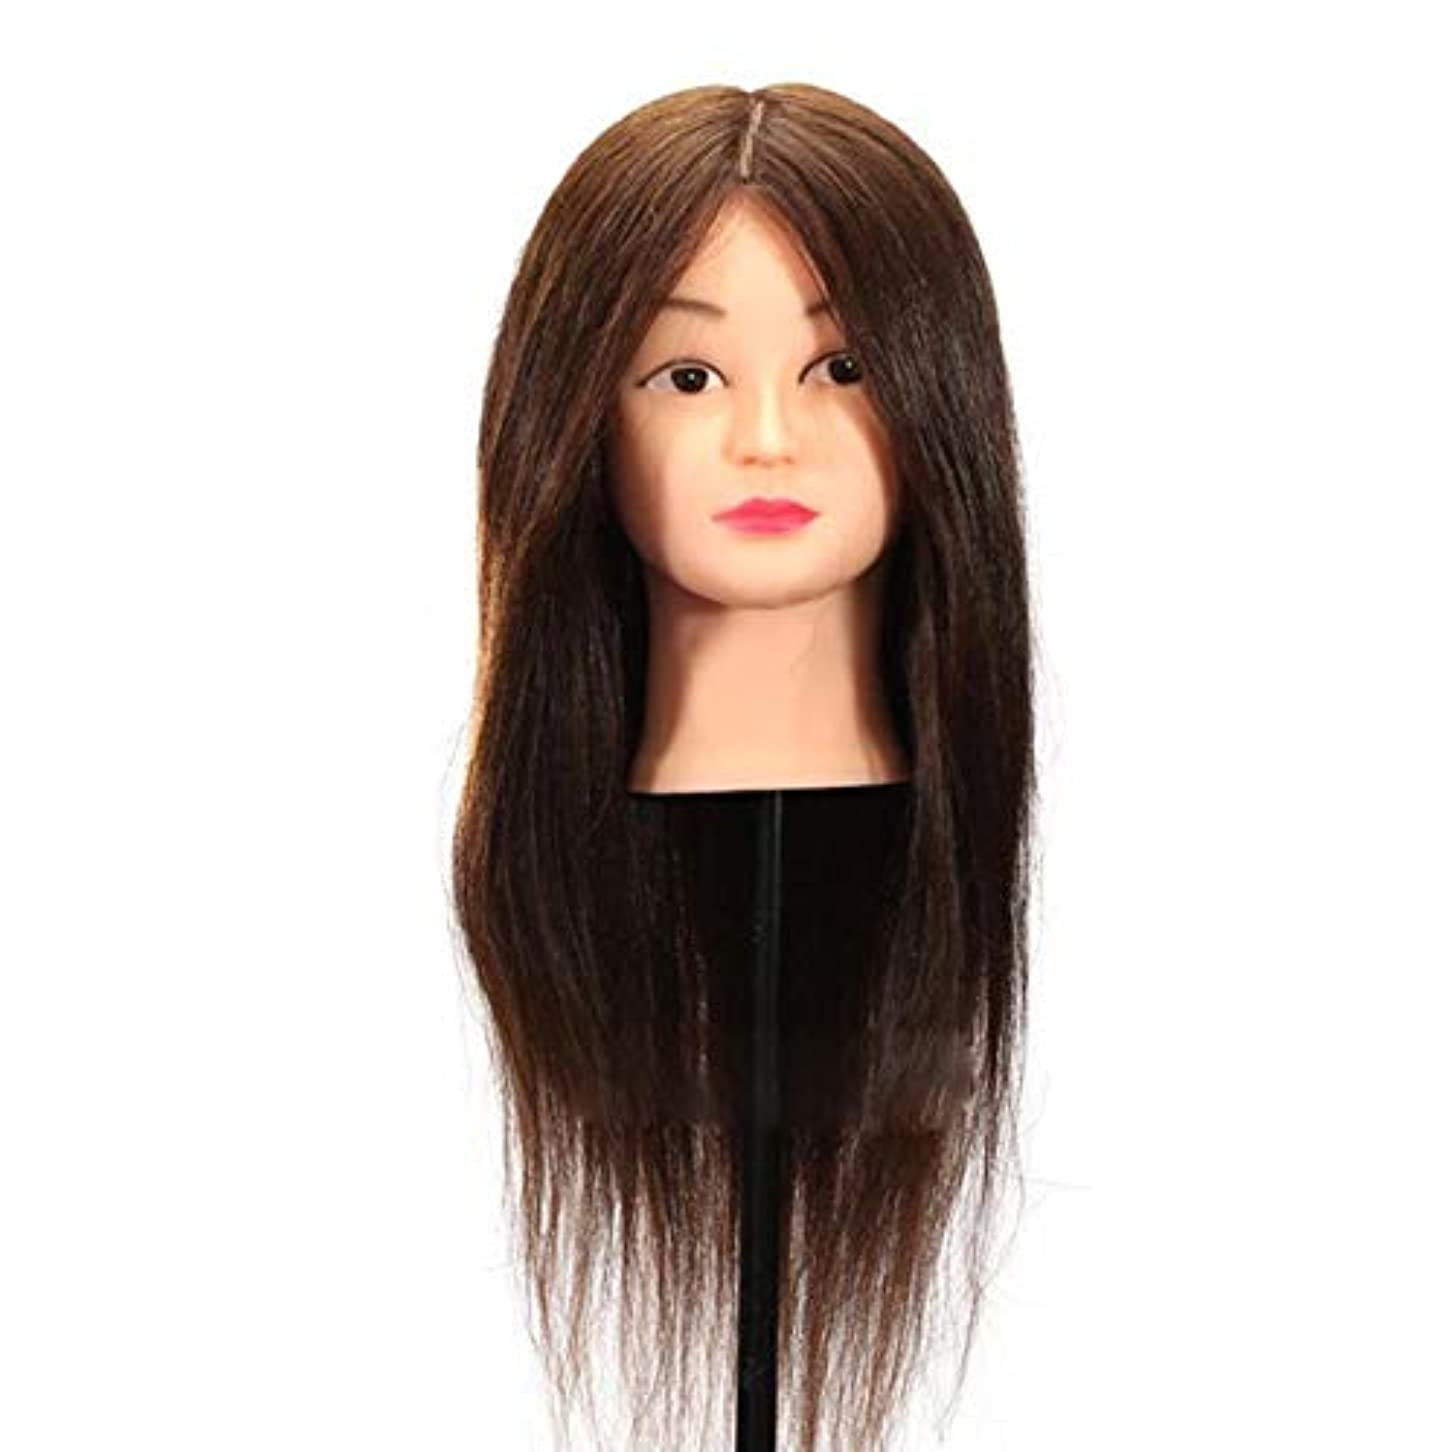 フィットネス制限するメイドヘアマネキンヘッド練習ディスク髪編組ヘッドモデル理髪店学校教育かつらヘッドバンドブラケット